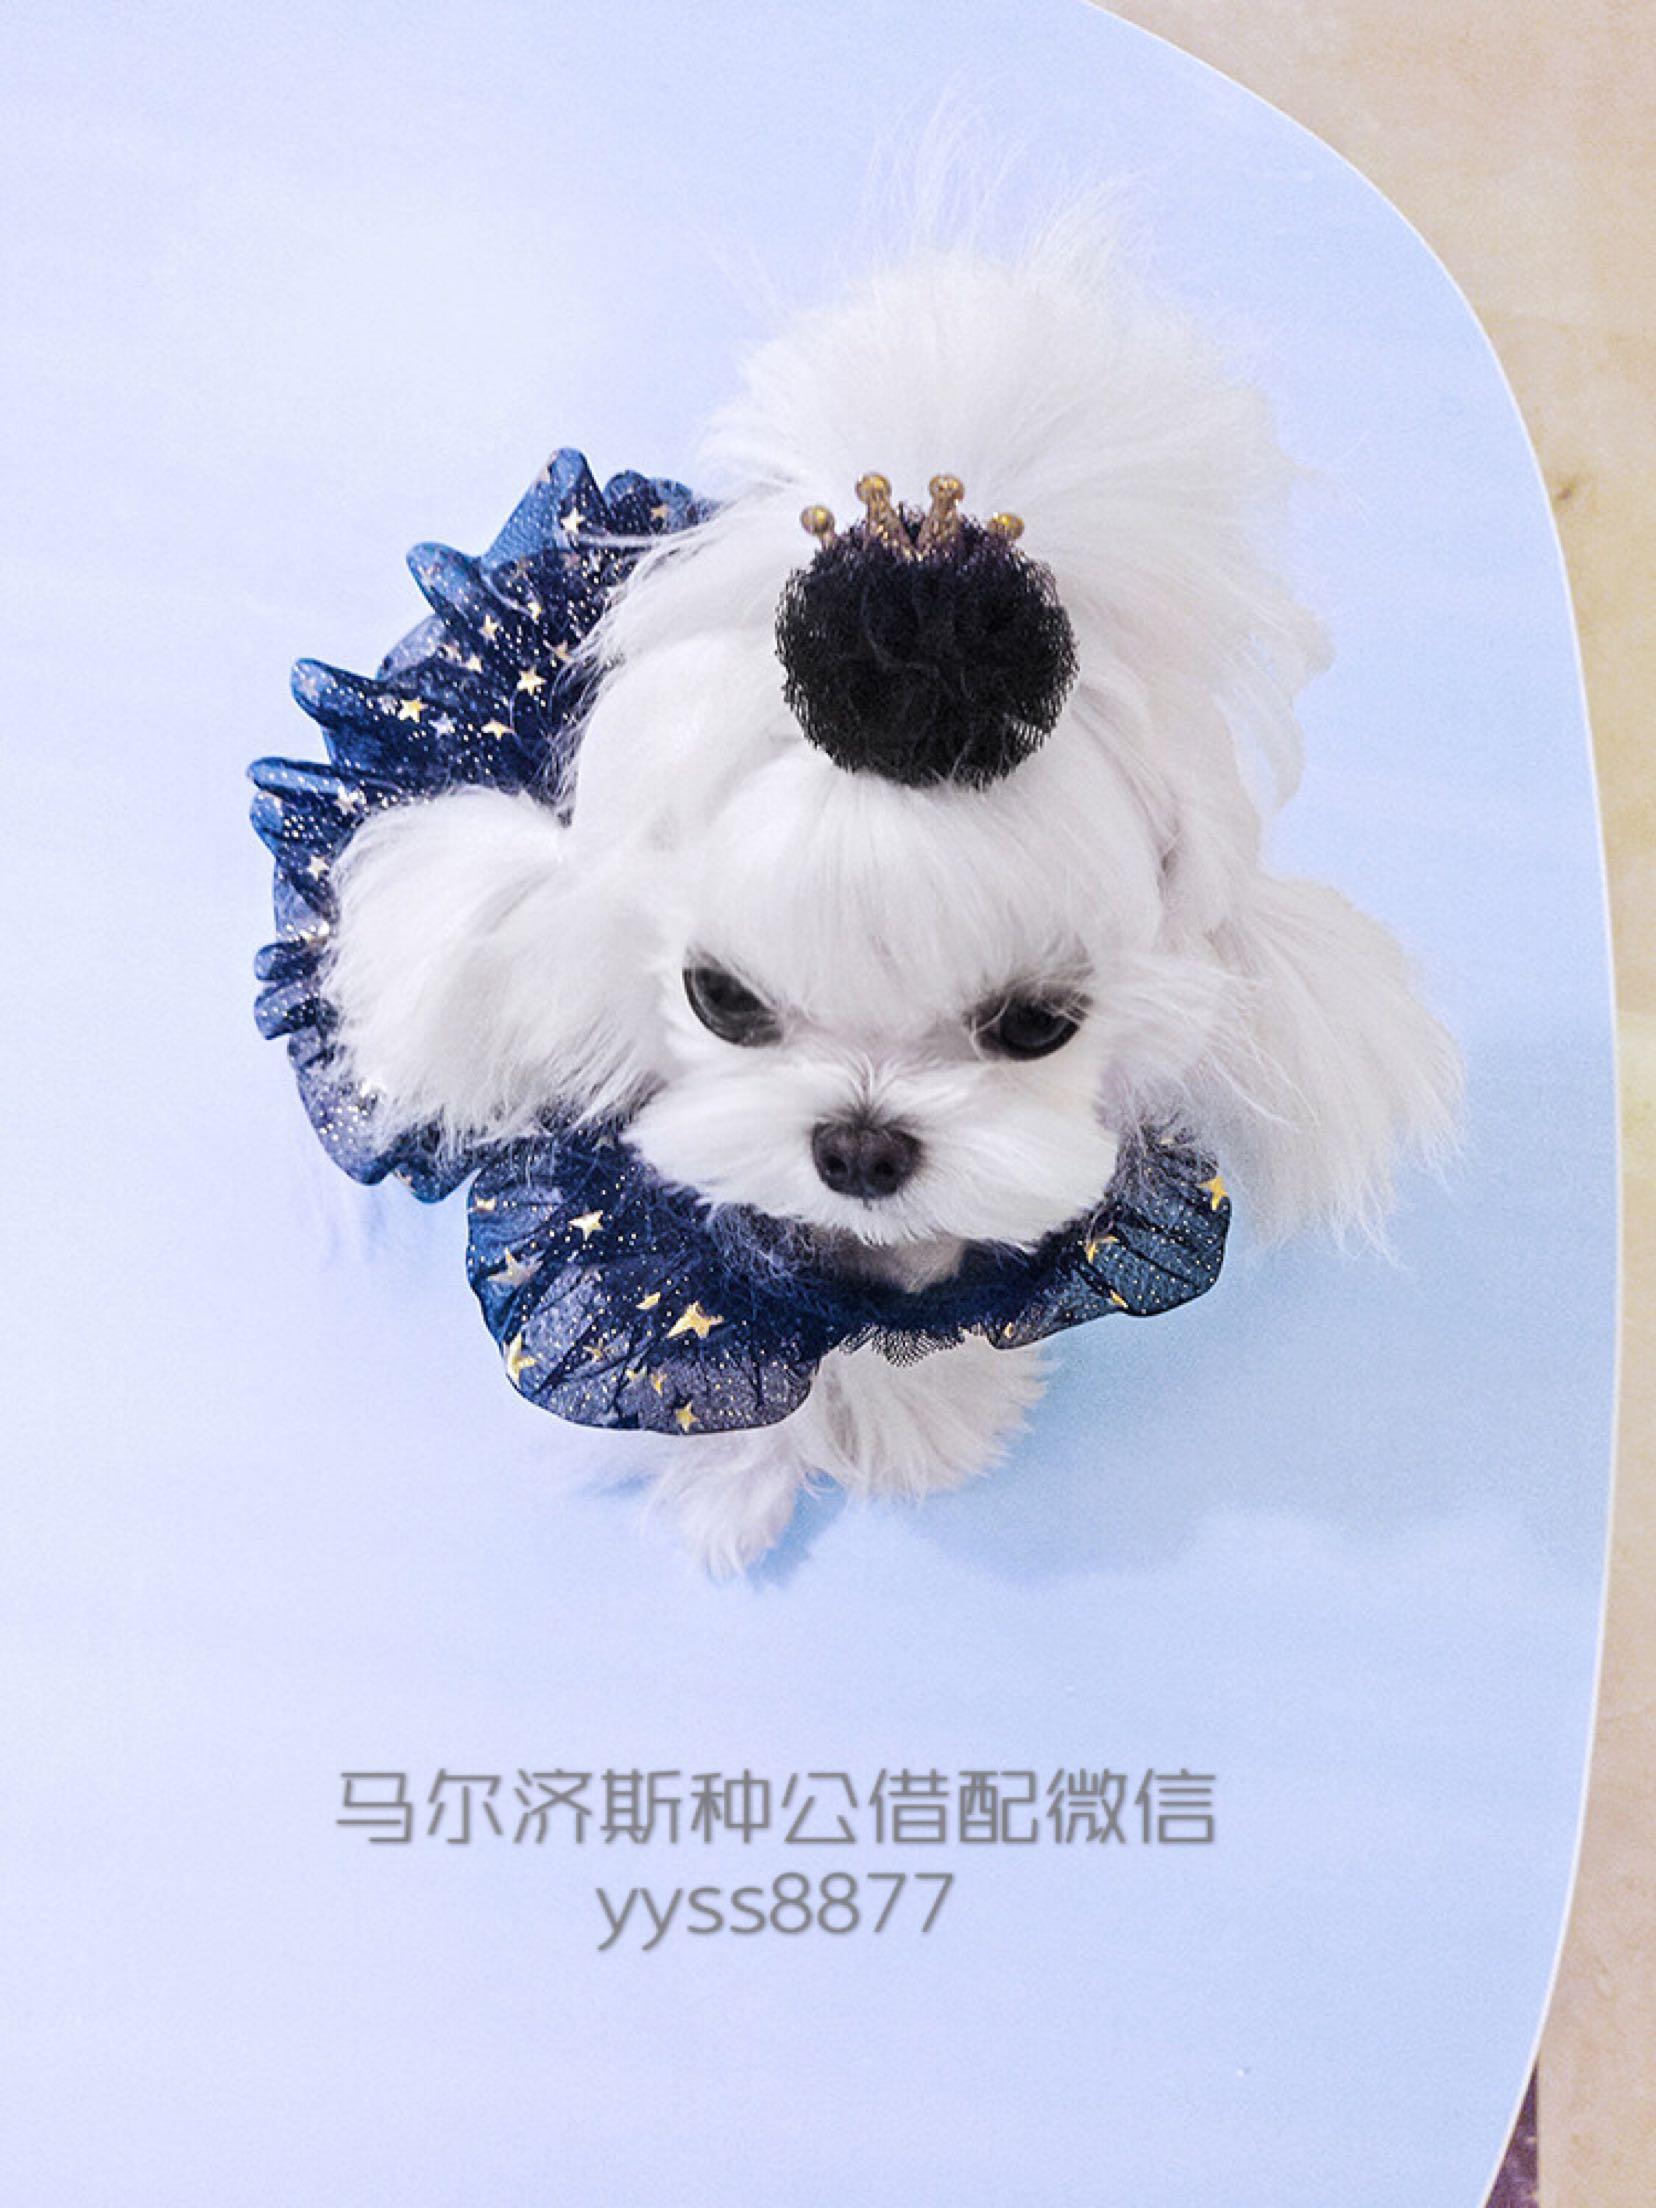 韩国白色马尔济斯幼犬出售带证书出售,种公借配